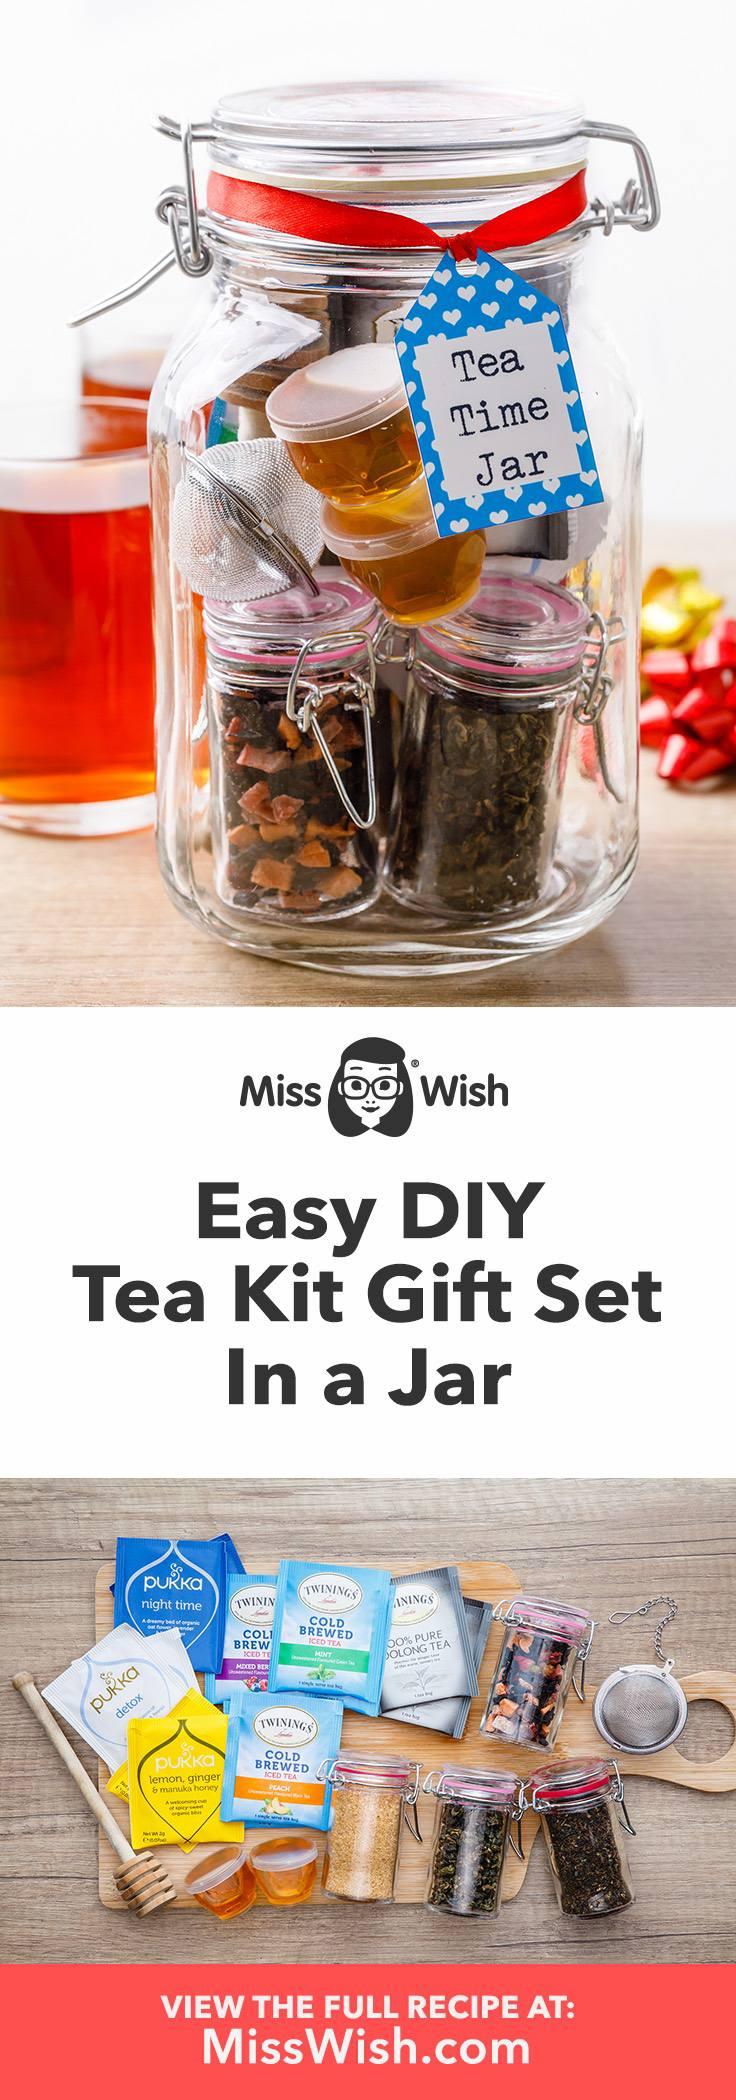 Easy Diy Tea Kit Gift Set For Tea Lovers Miss Wish